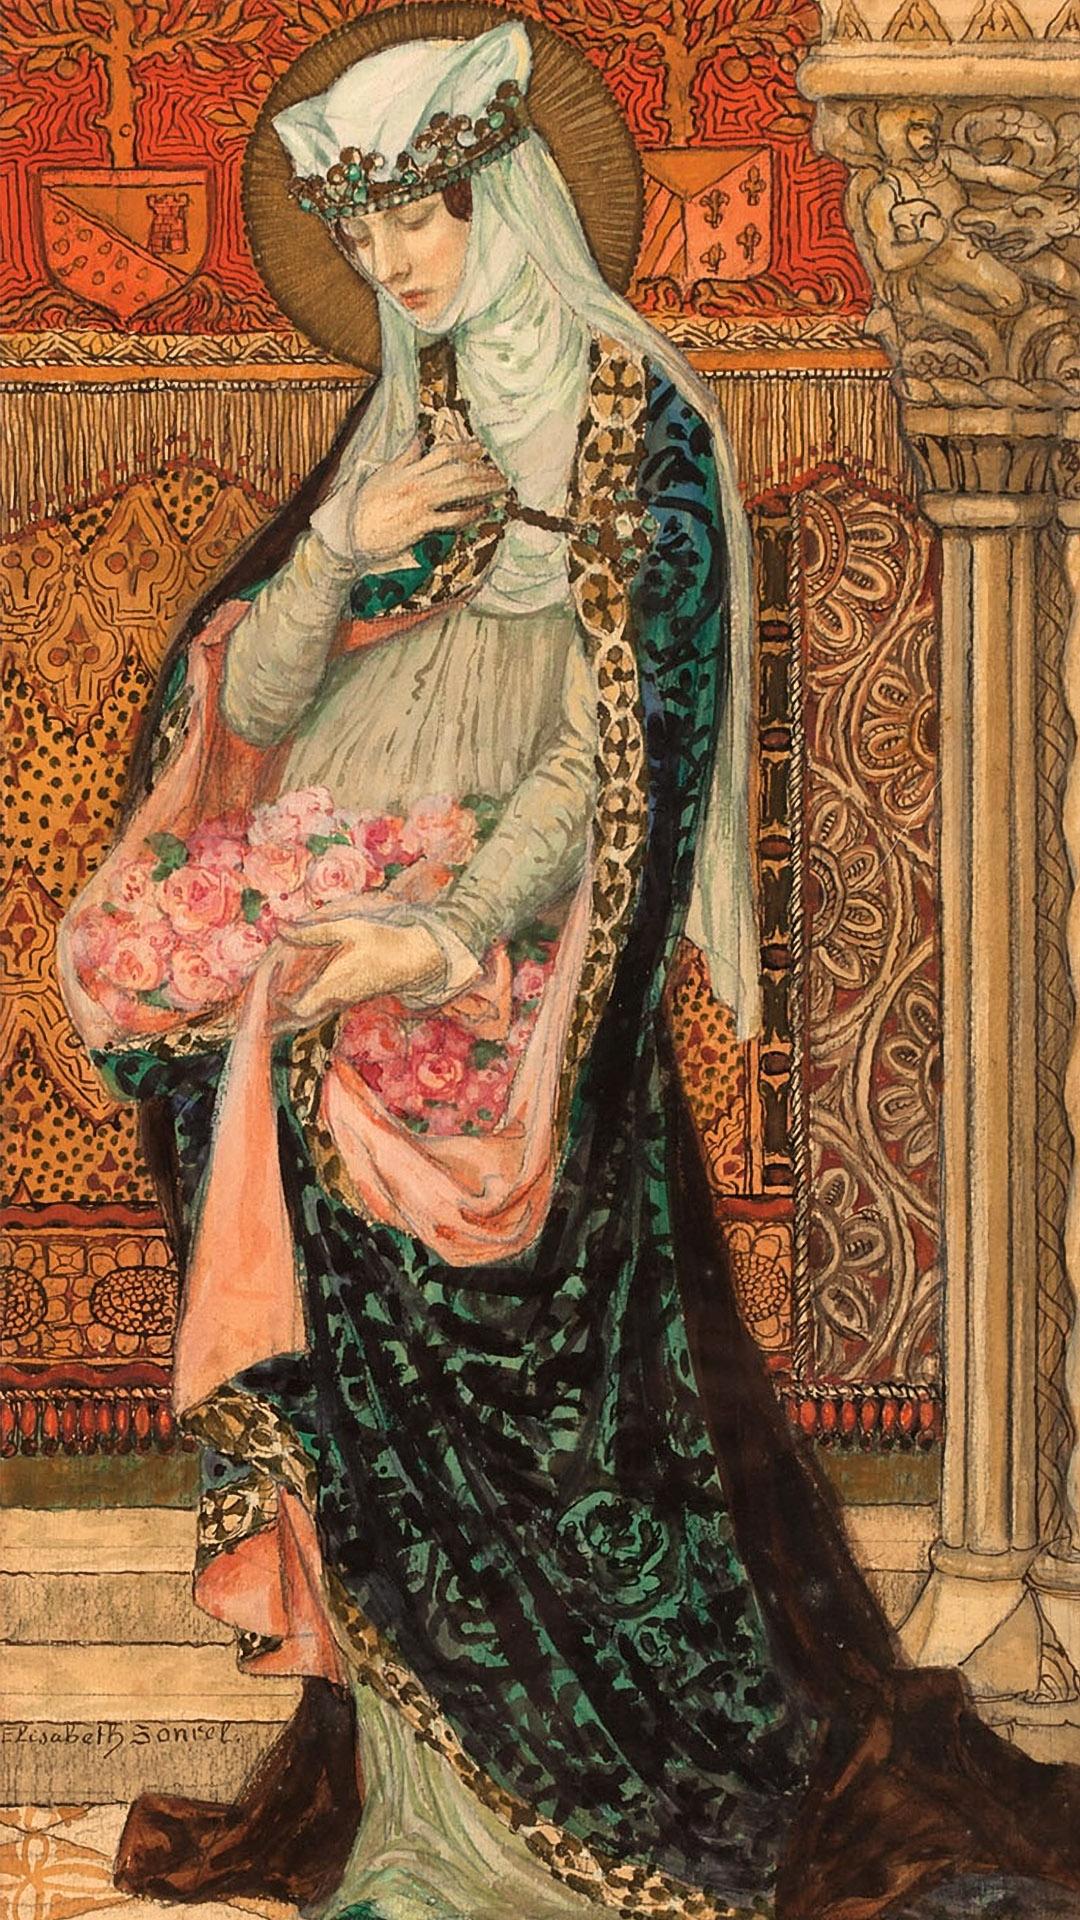 Elisabeth Sonrel - Portrait of a Renaissance woman holding roses 1080x1920